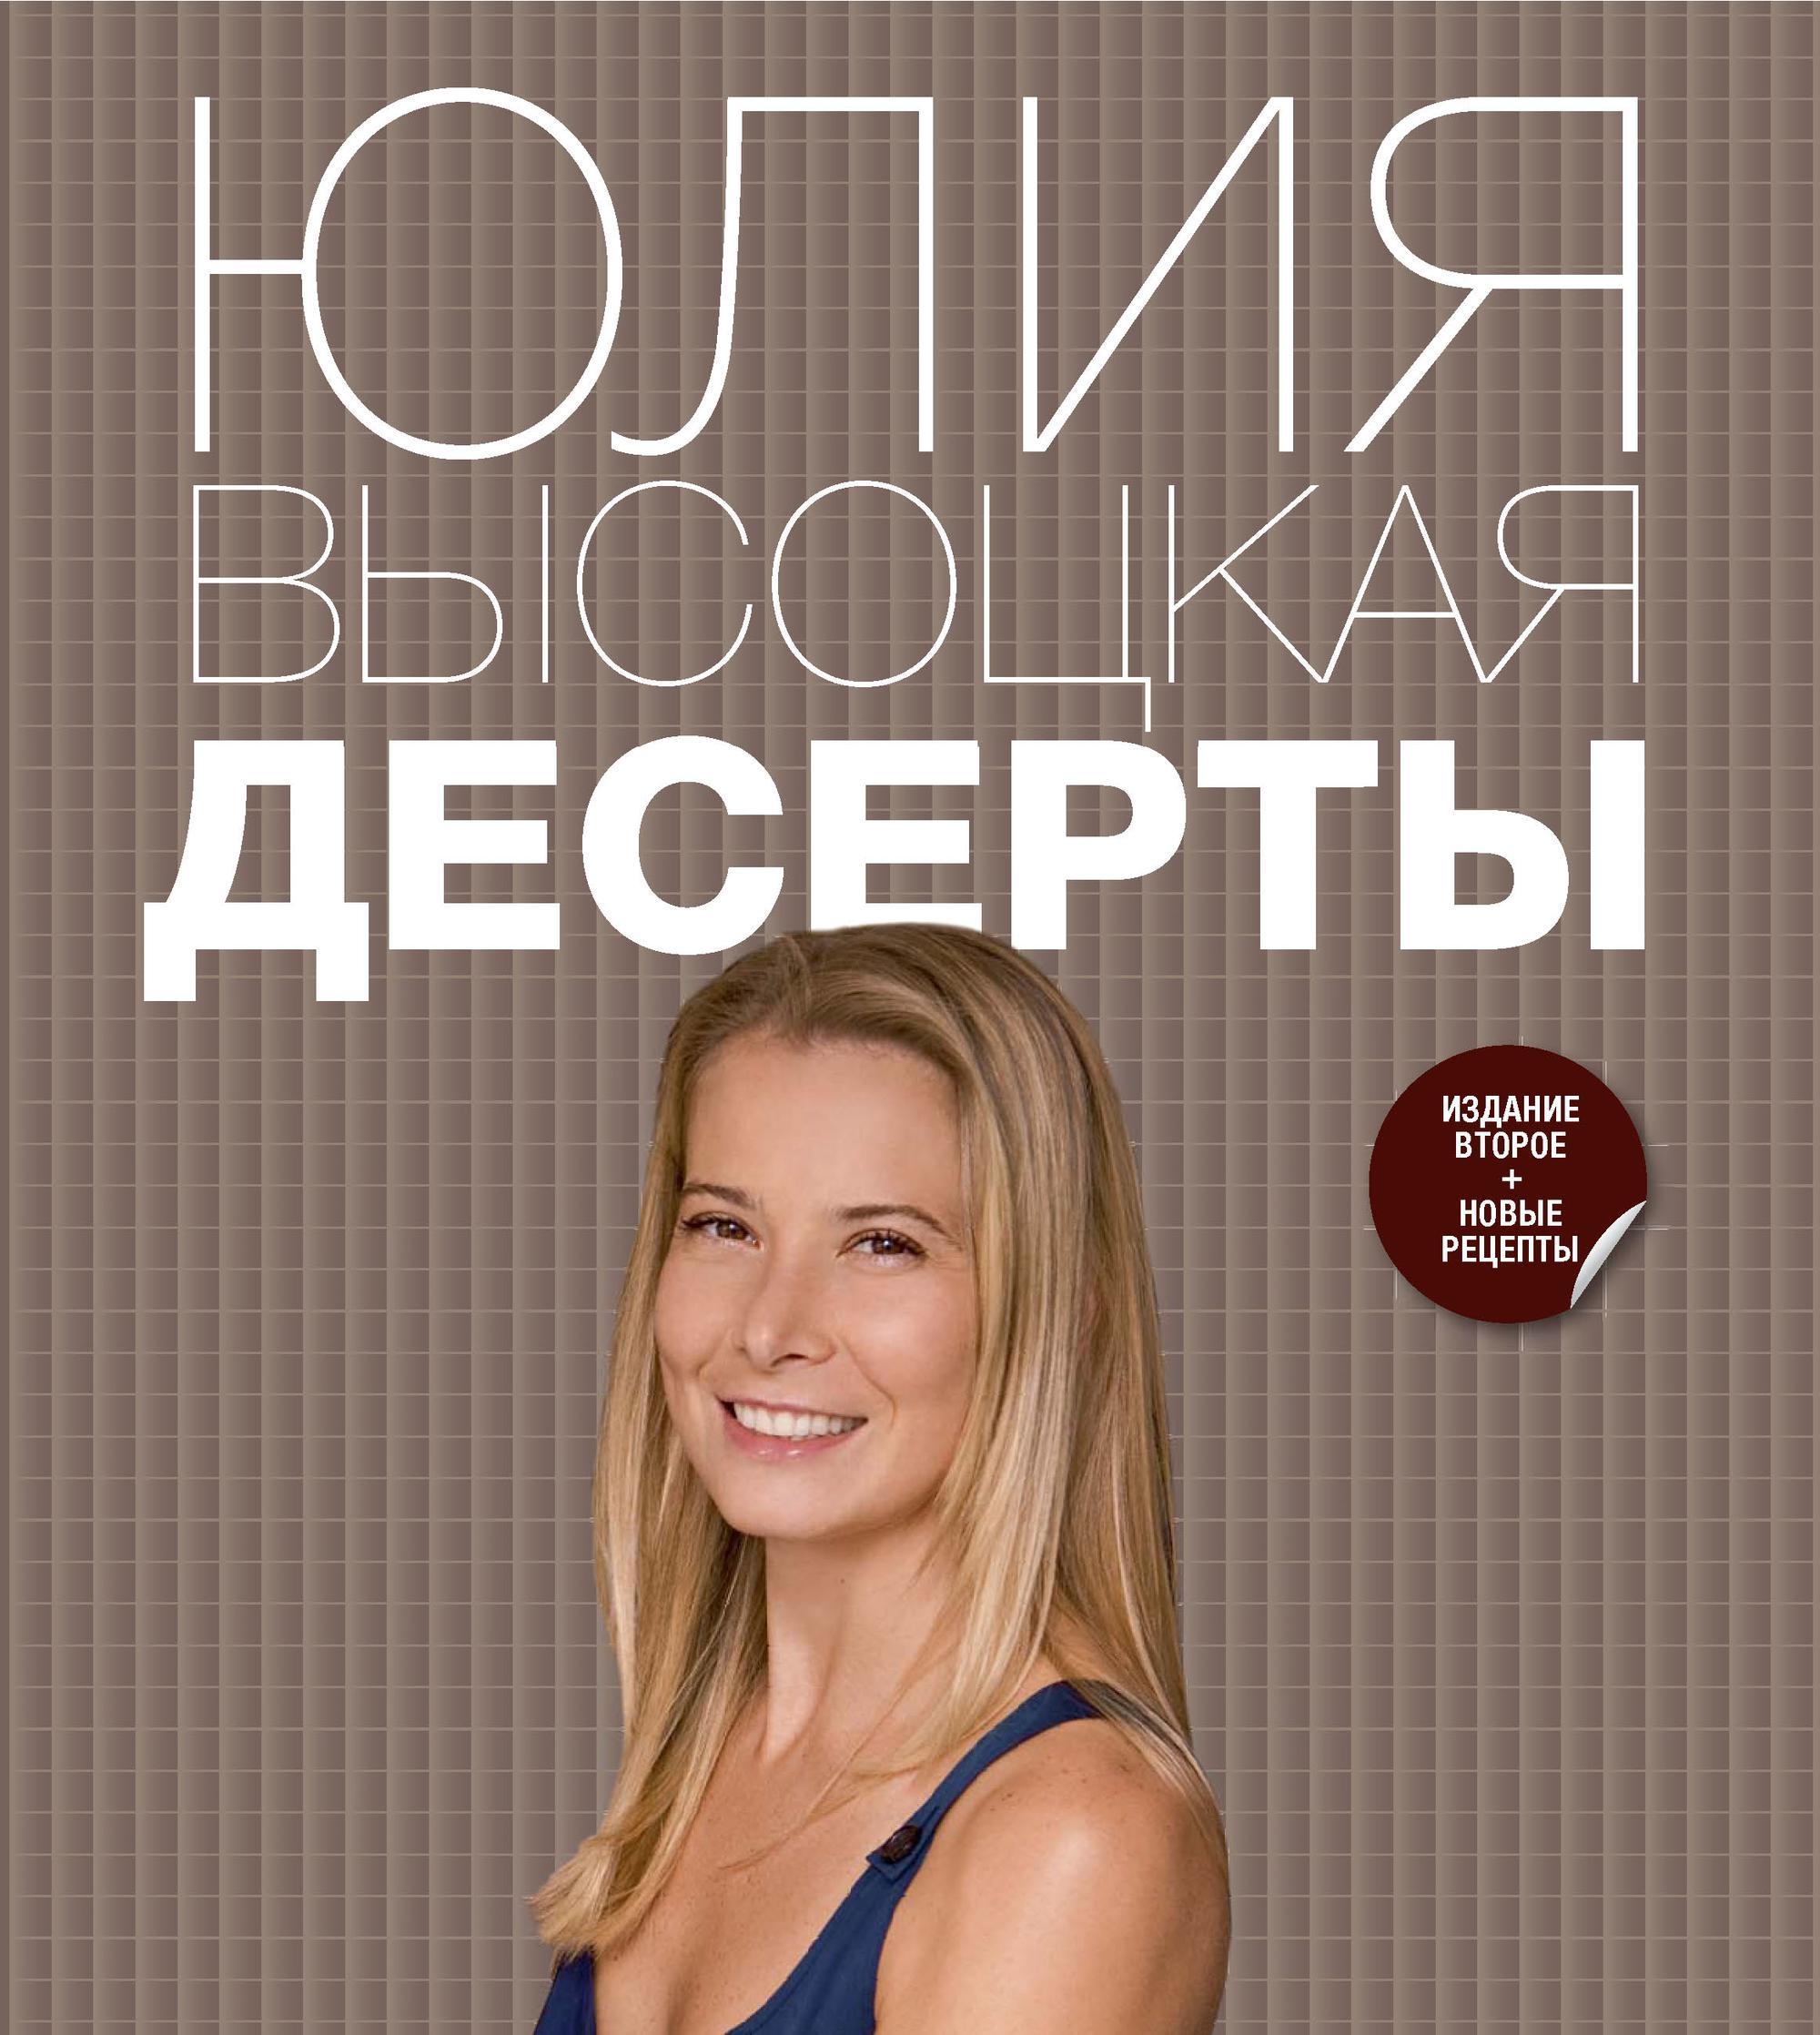 Юлия Высоцкая Десерты книги эксмо как относиться к себе и к людям